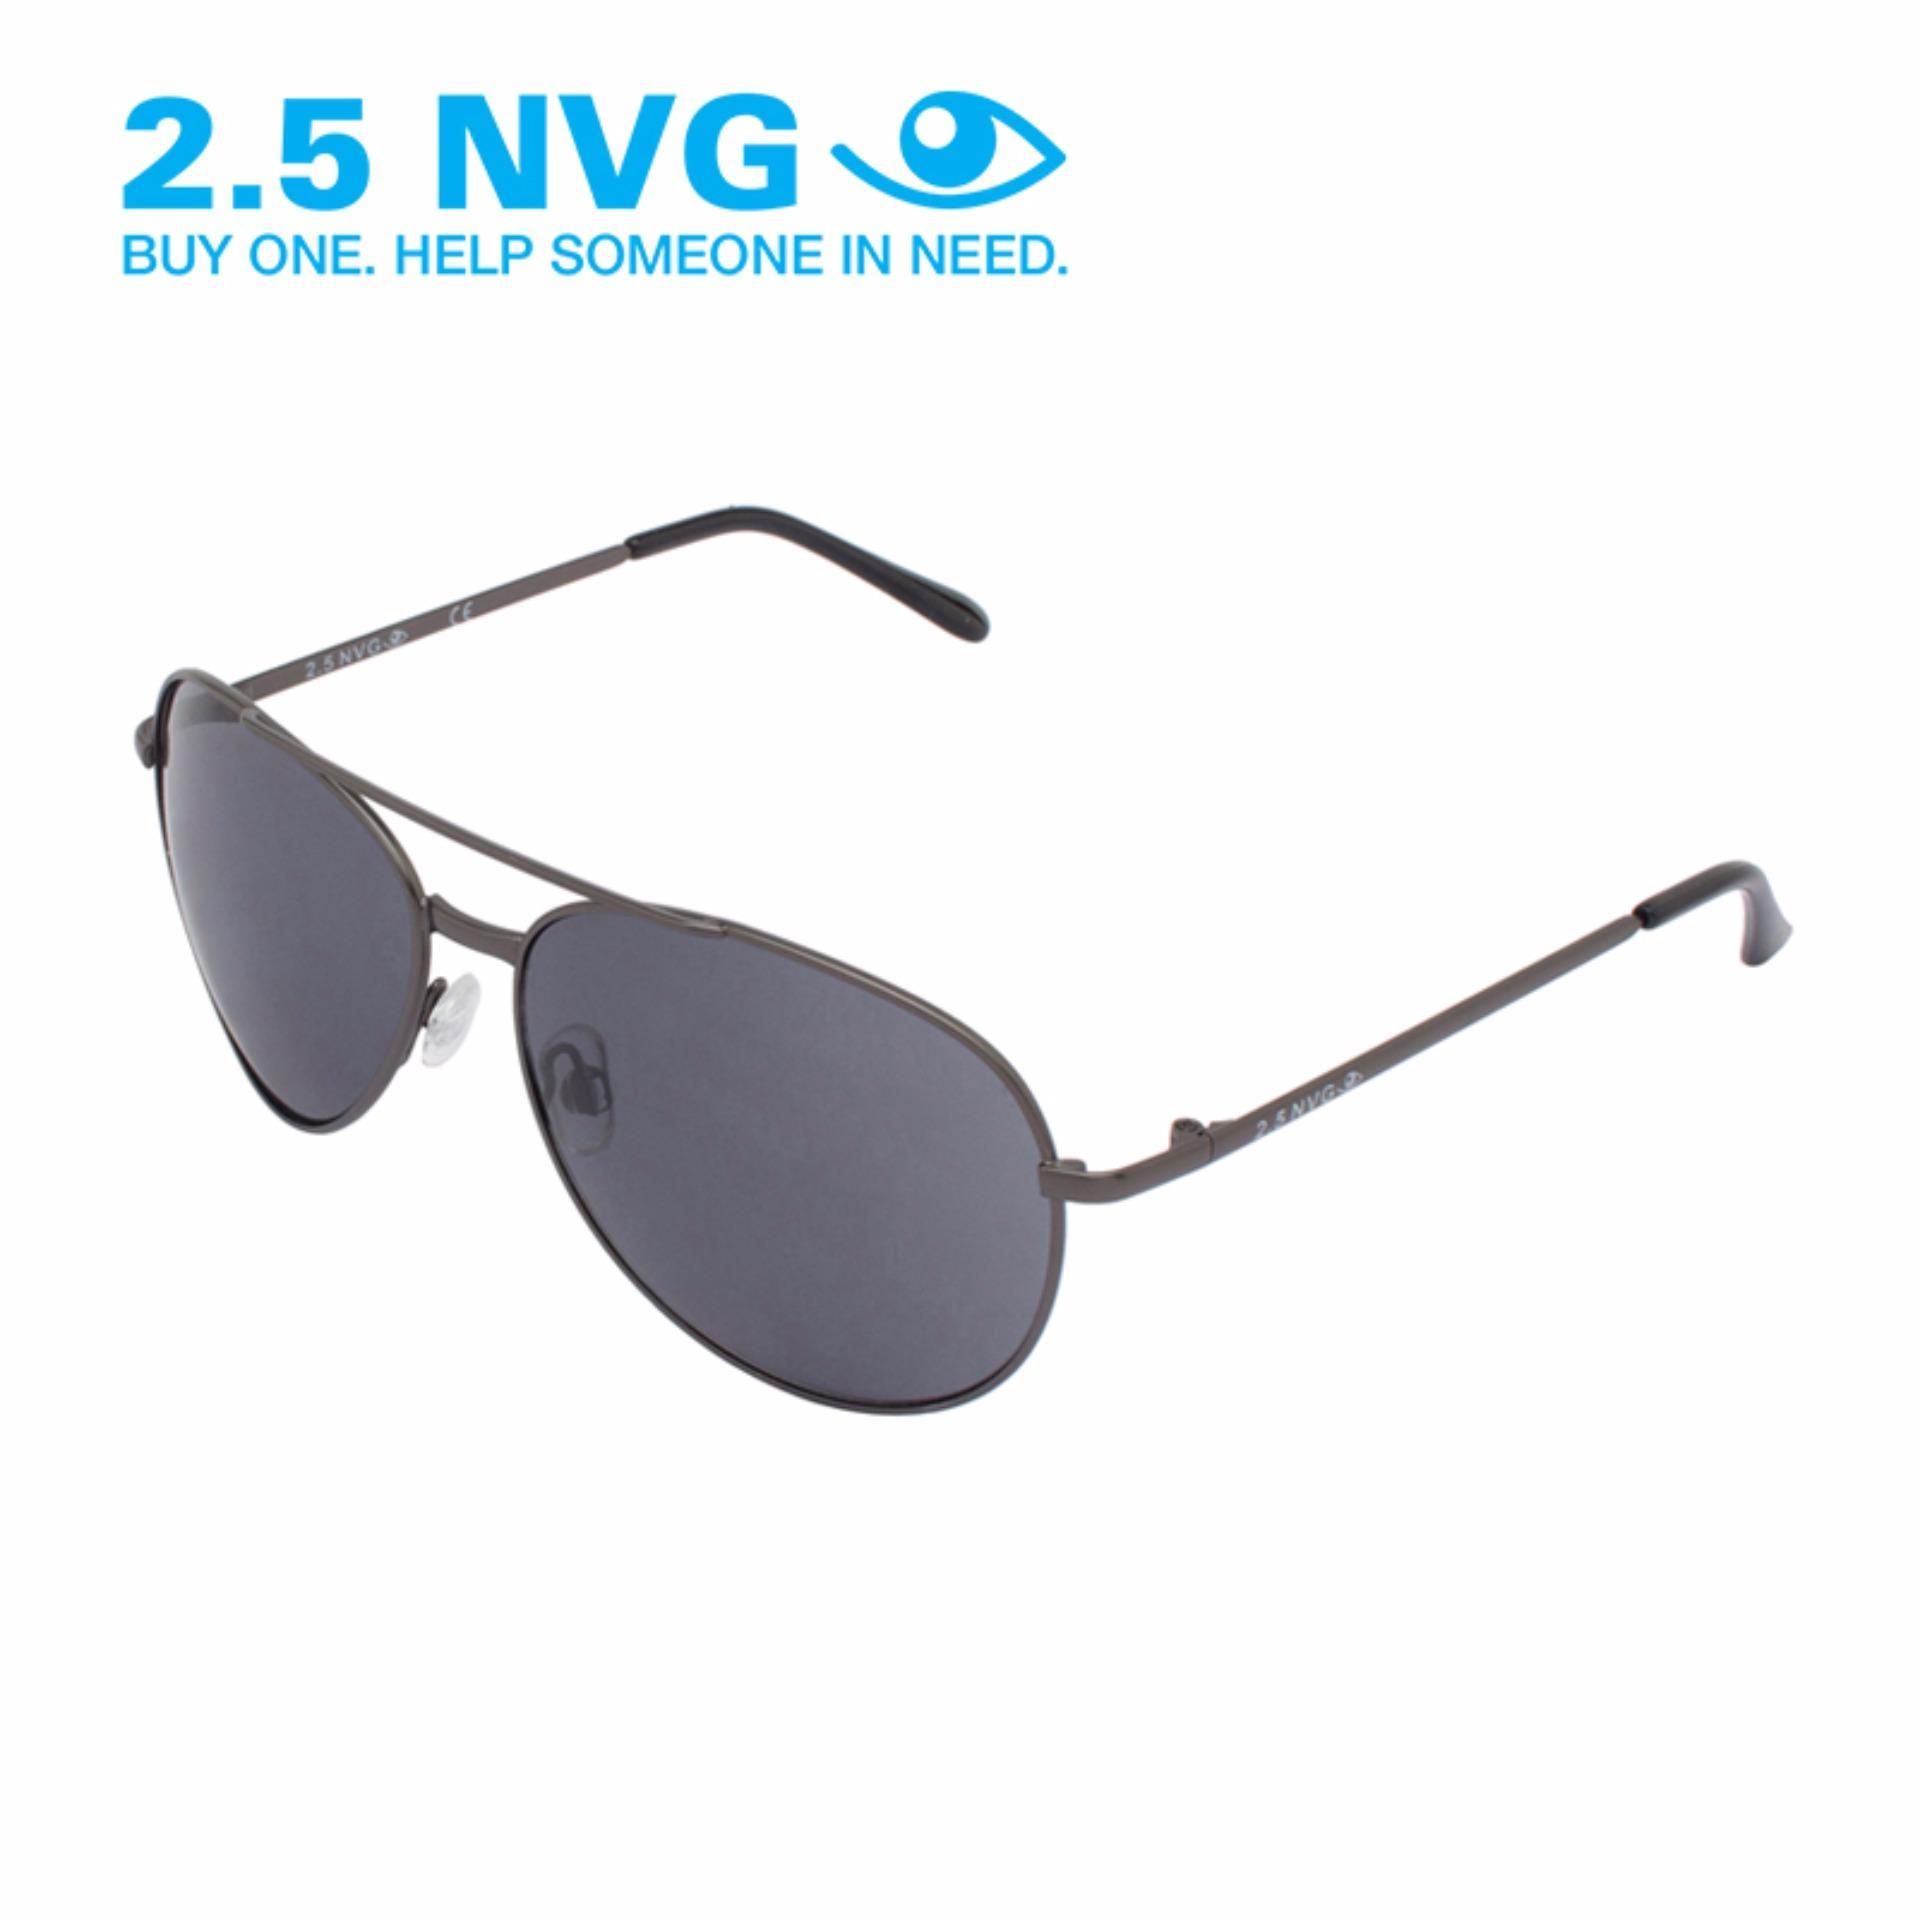 Harga 2 5 Nvg Kacamata Pria Gunmetal Pilot Proteksi Uv 400 Lensa Hitam Scm 003 Dan Spesifikasinya